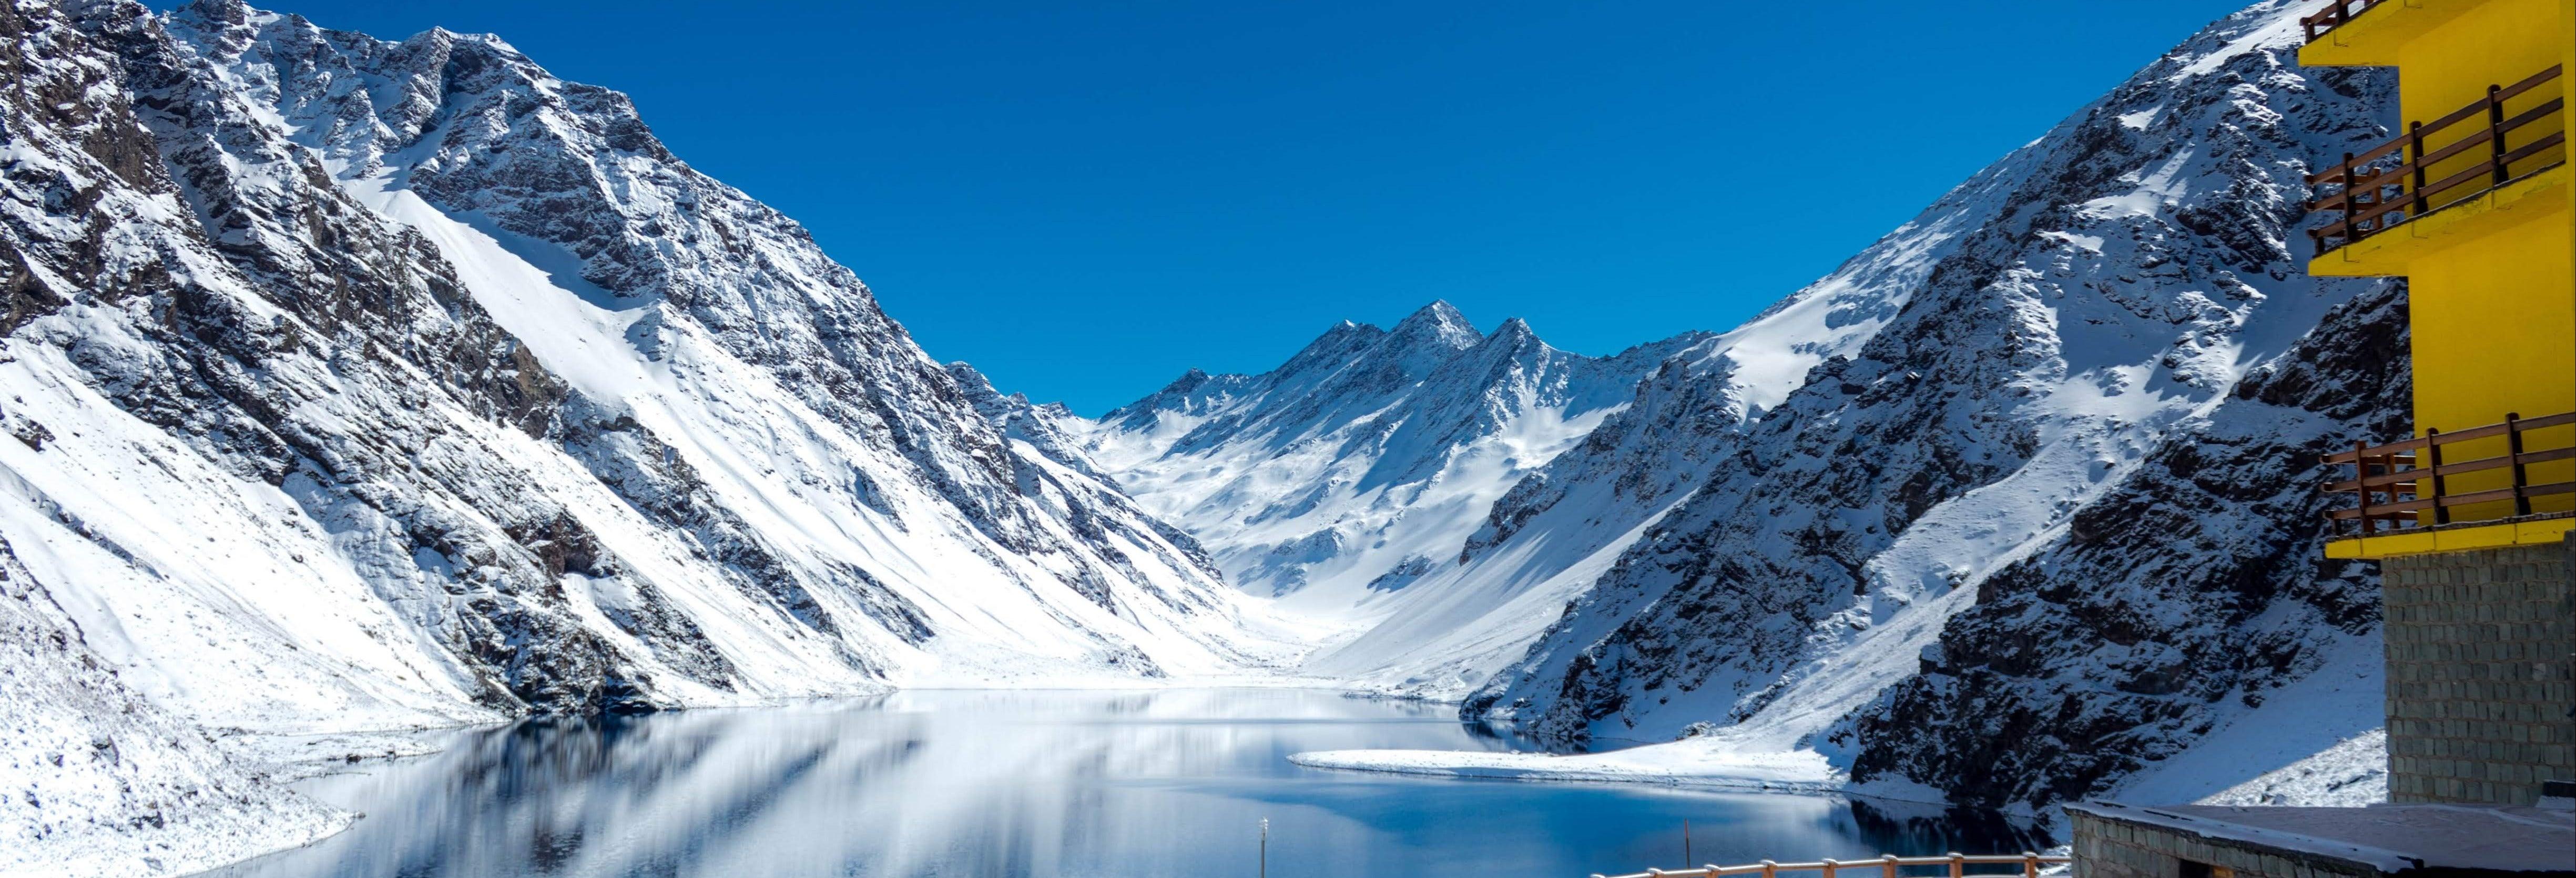 Estação de esqui Portillo, Laguna del Inca e Viña de San Esteban